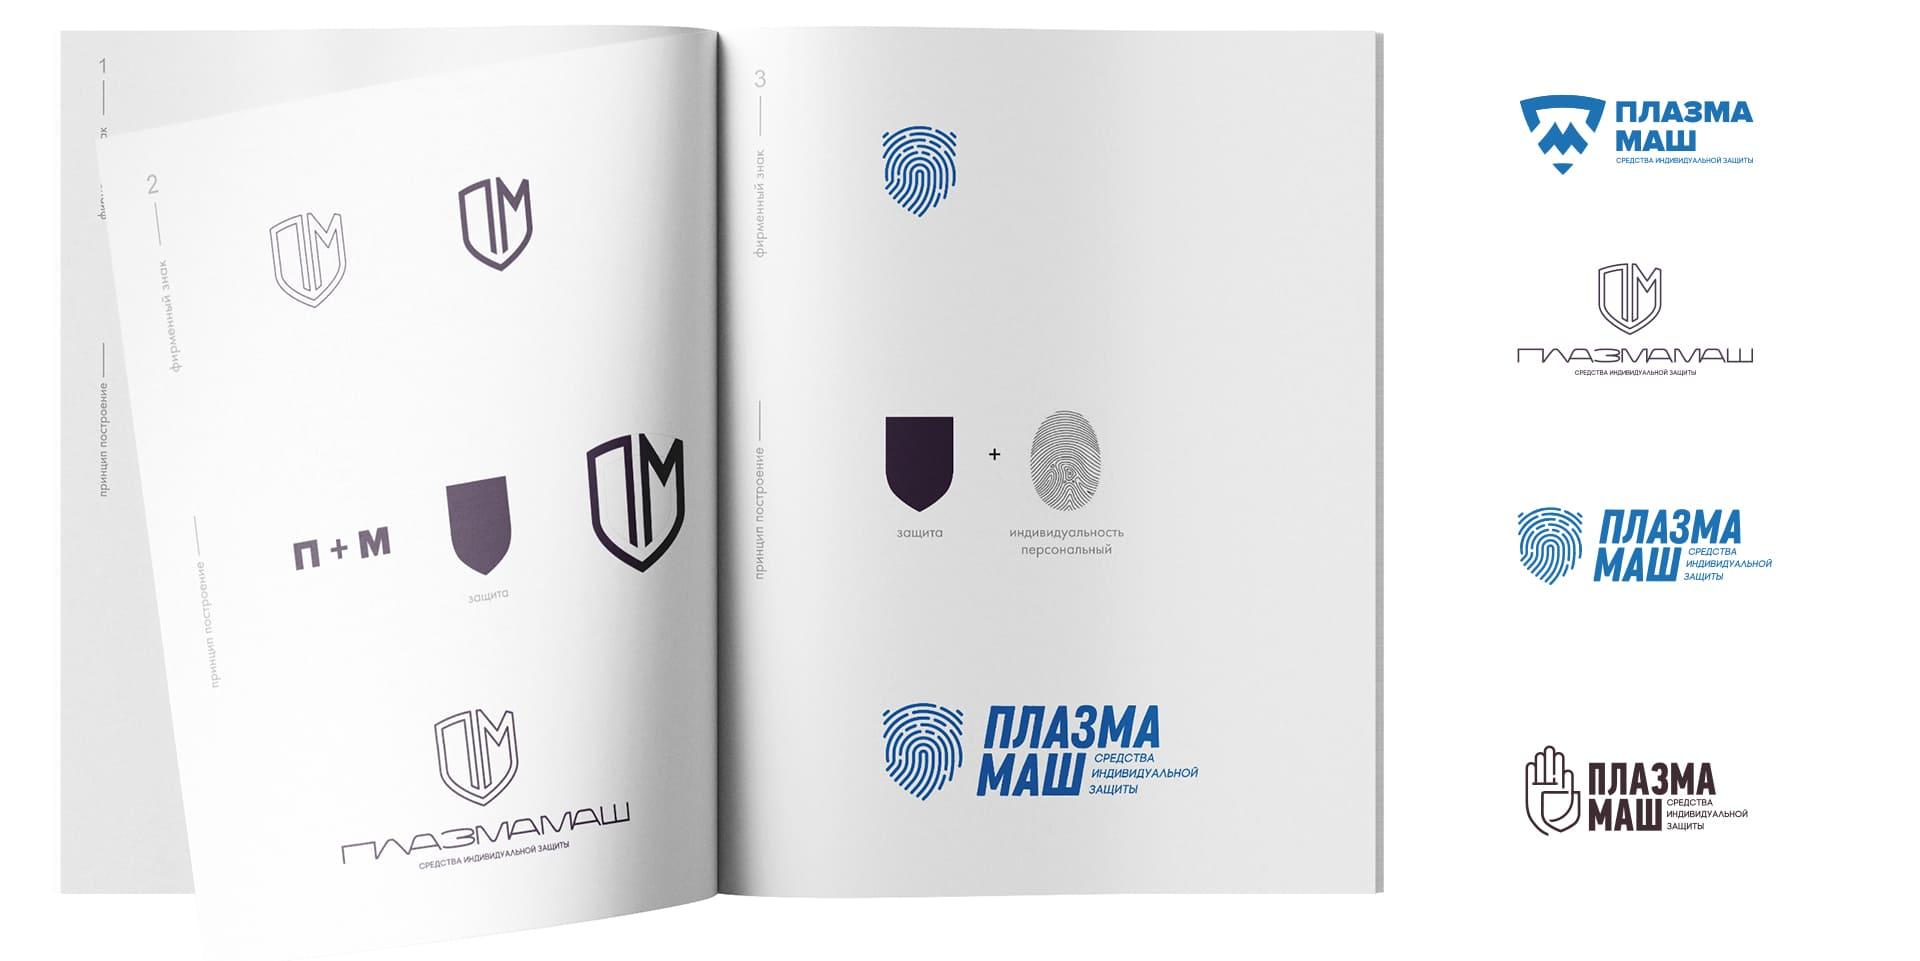 варианты логотипа для дистрибьютора средств индивидуальной защиты